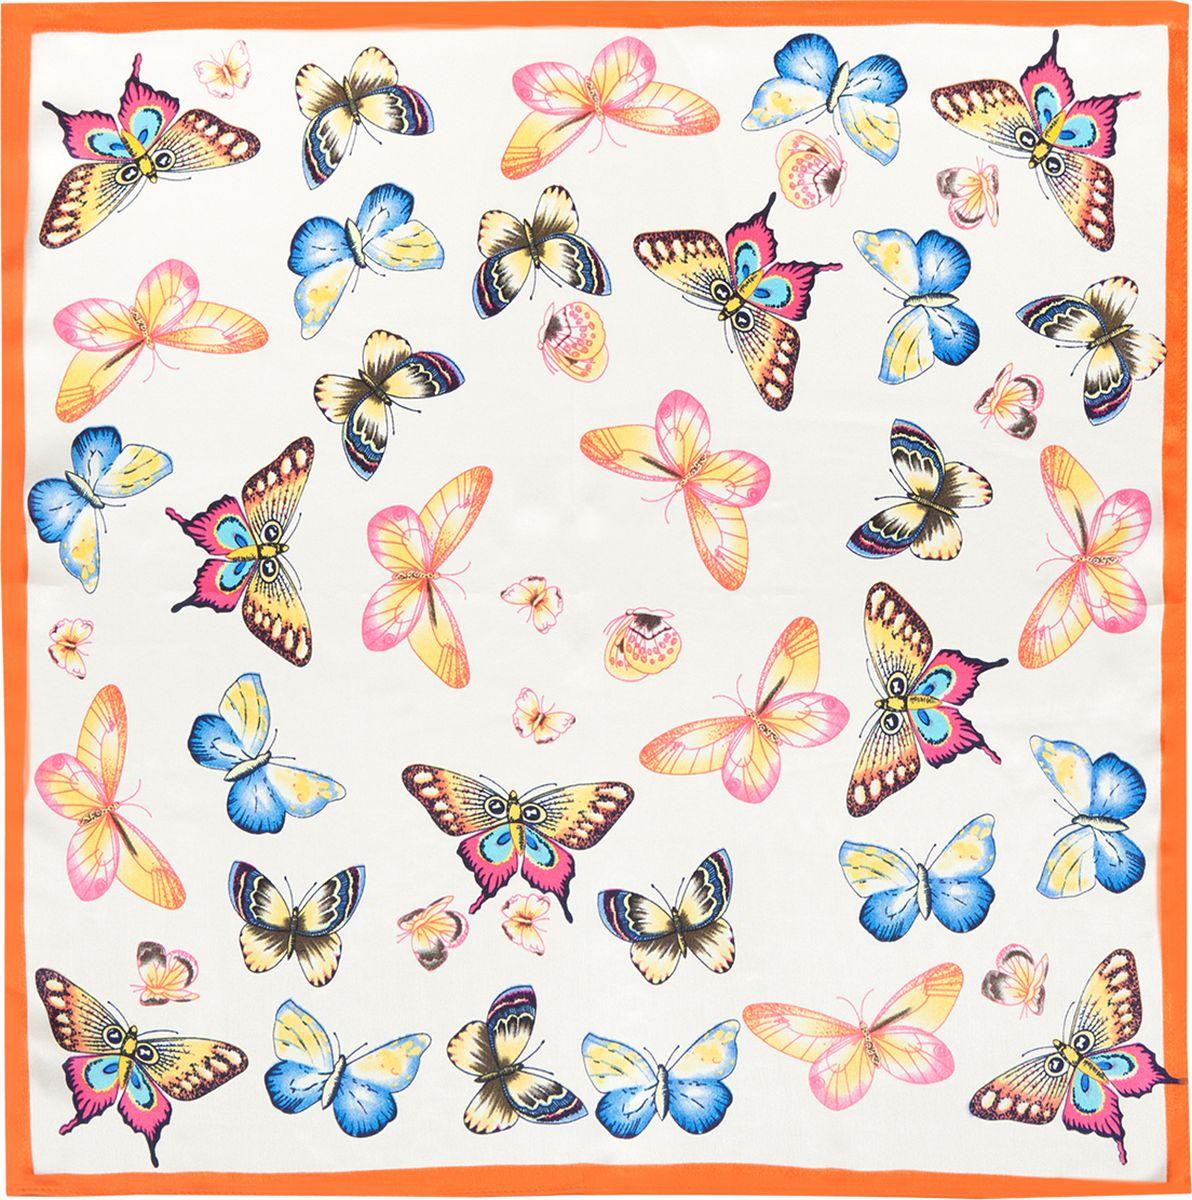 ПлатокSS03-7879Платок Eleganzza изготовлен из шелка. Модель оформлена принтом с изображением бабочек. Использование такого стильного аксессуара позволит создать несколько образов и настроений.